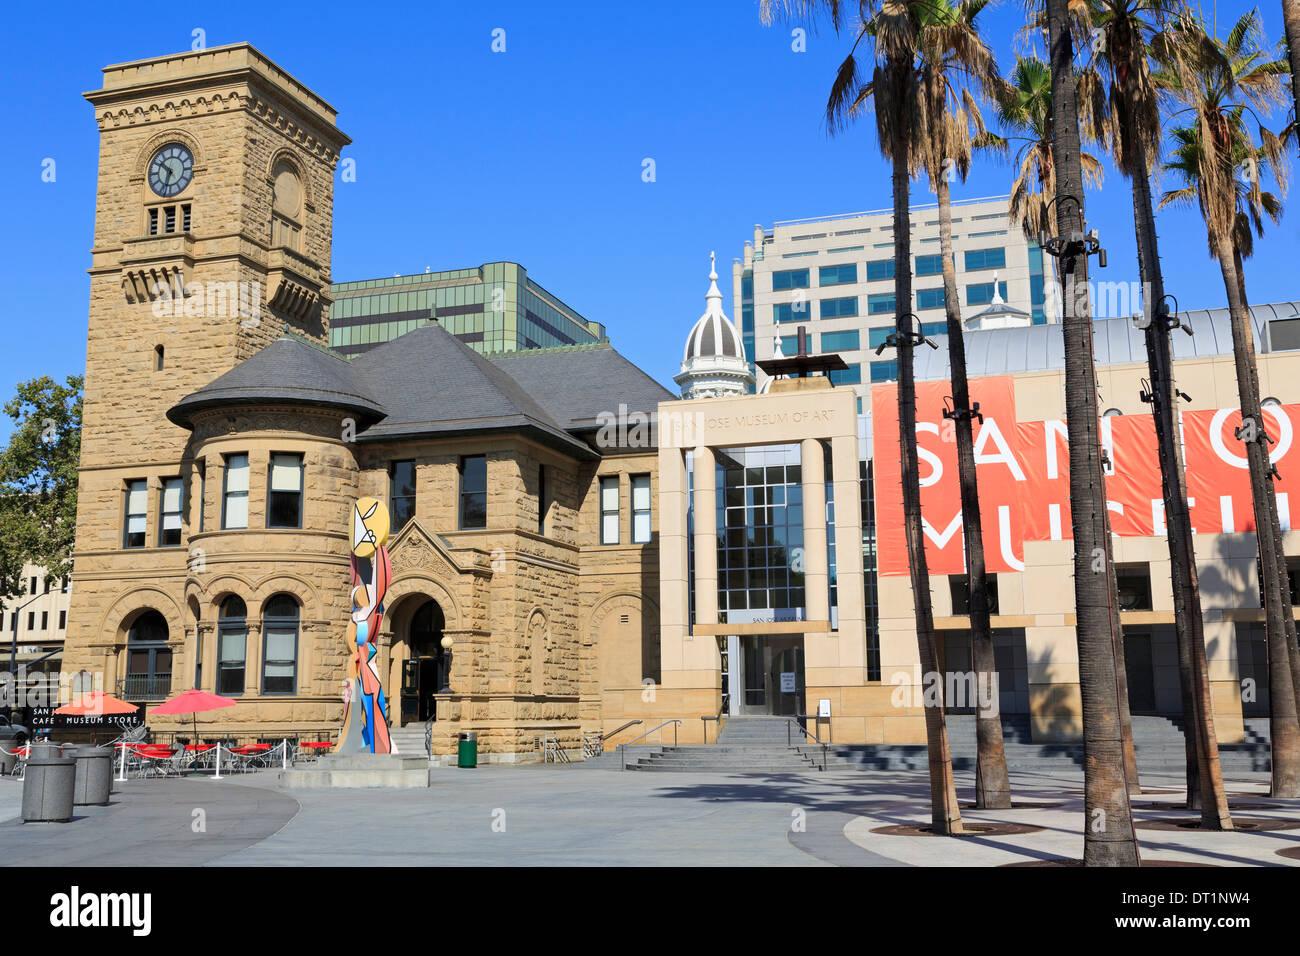 Museo di Arte, San Jose, California, Stati Uniti d'America, America del Nord Immagini Stock